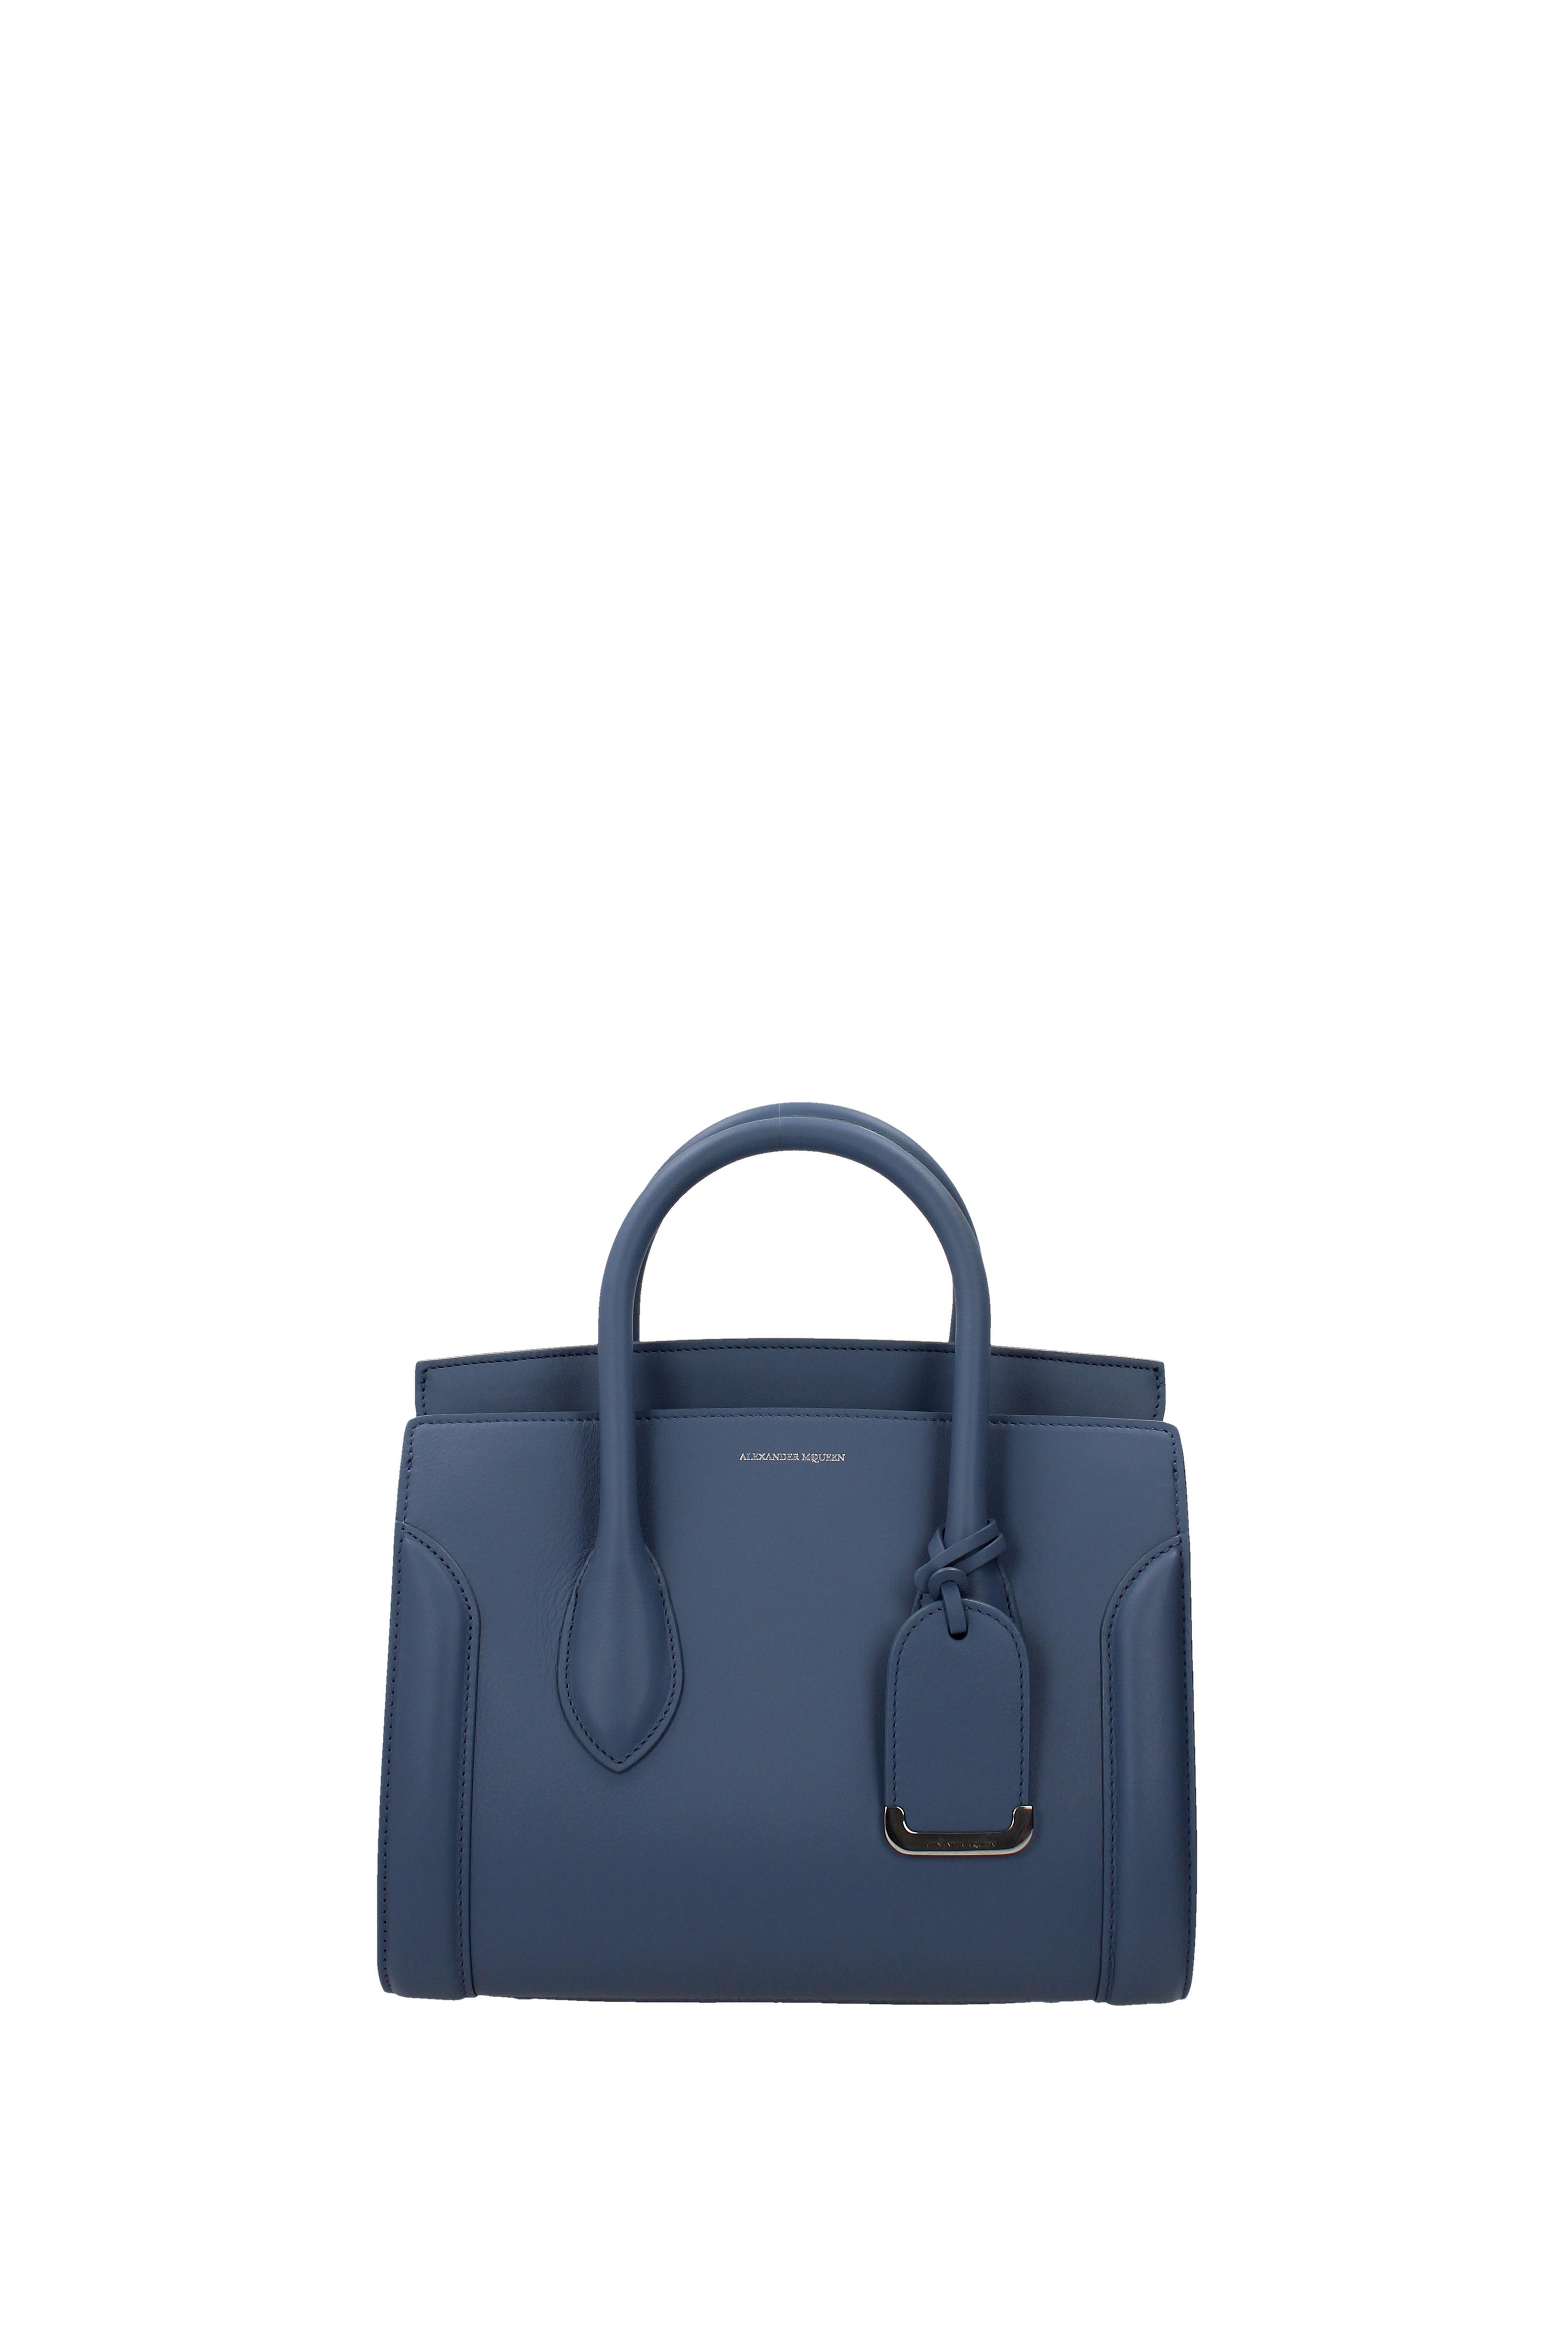 Handbags Alexander Mcqueen Women Leather 508859dx50y